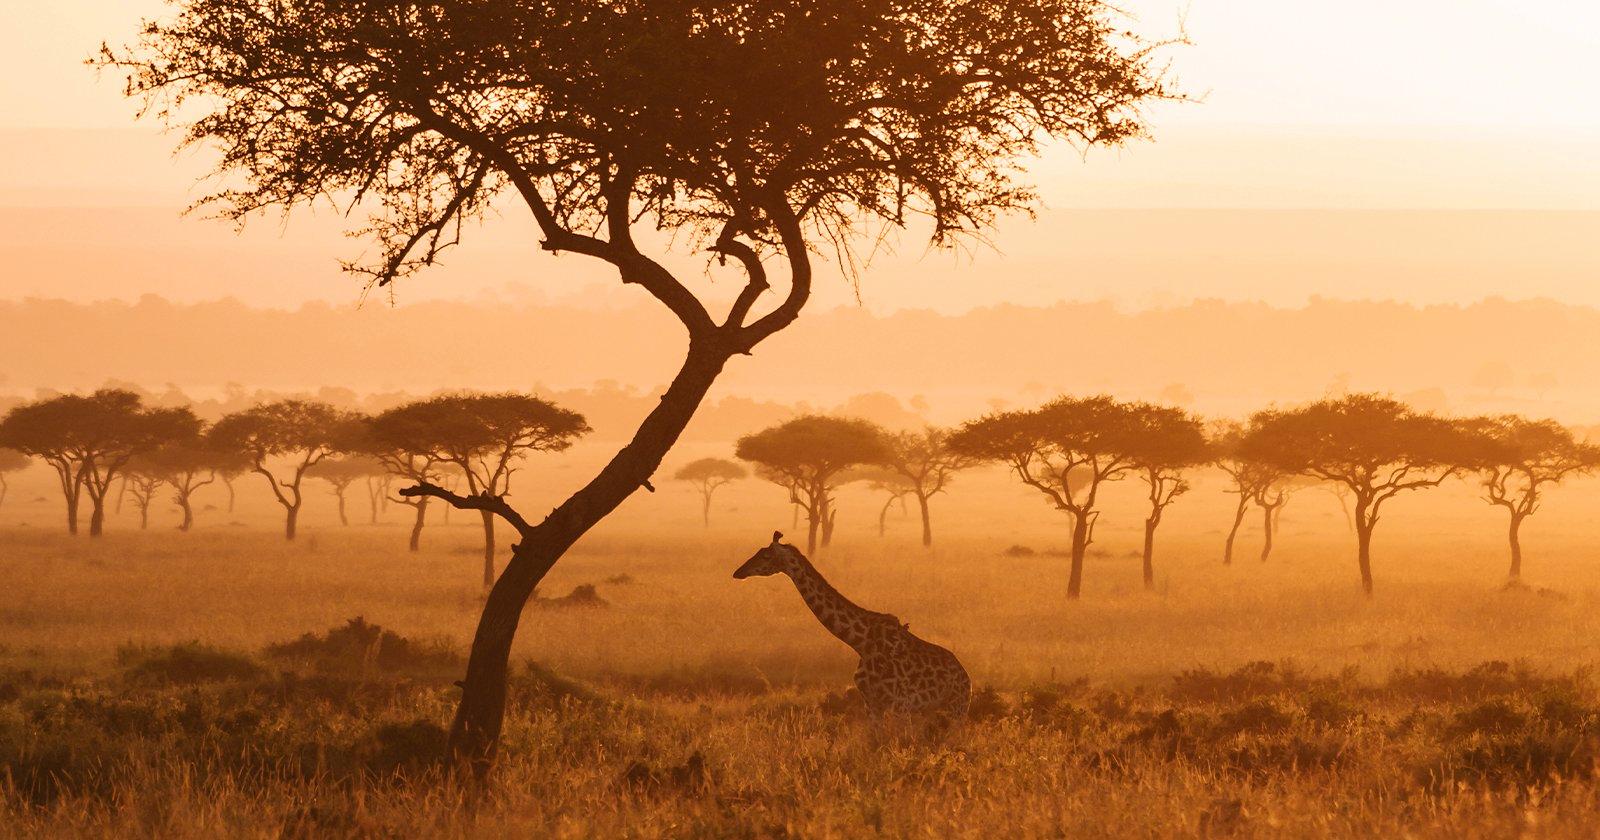 Fotografi internazionali si uniscono per raccogliere fondi a beneficio della fauna selvatica africana